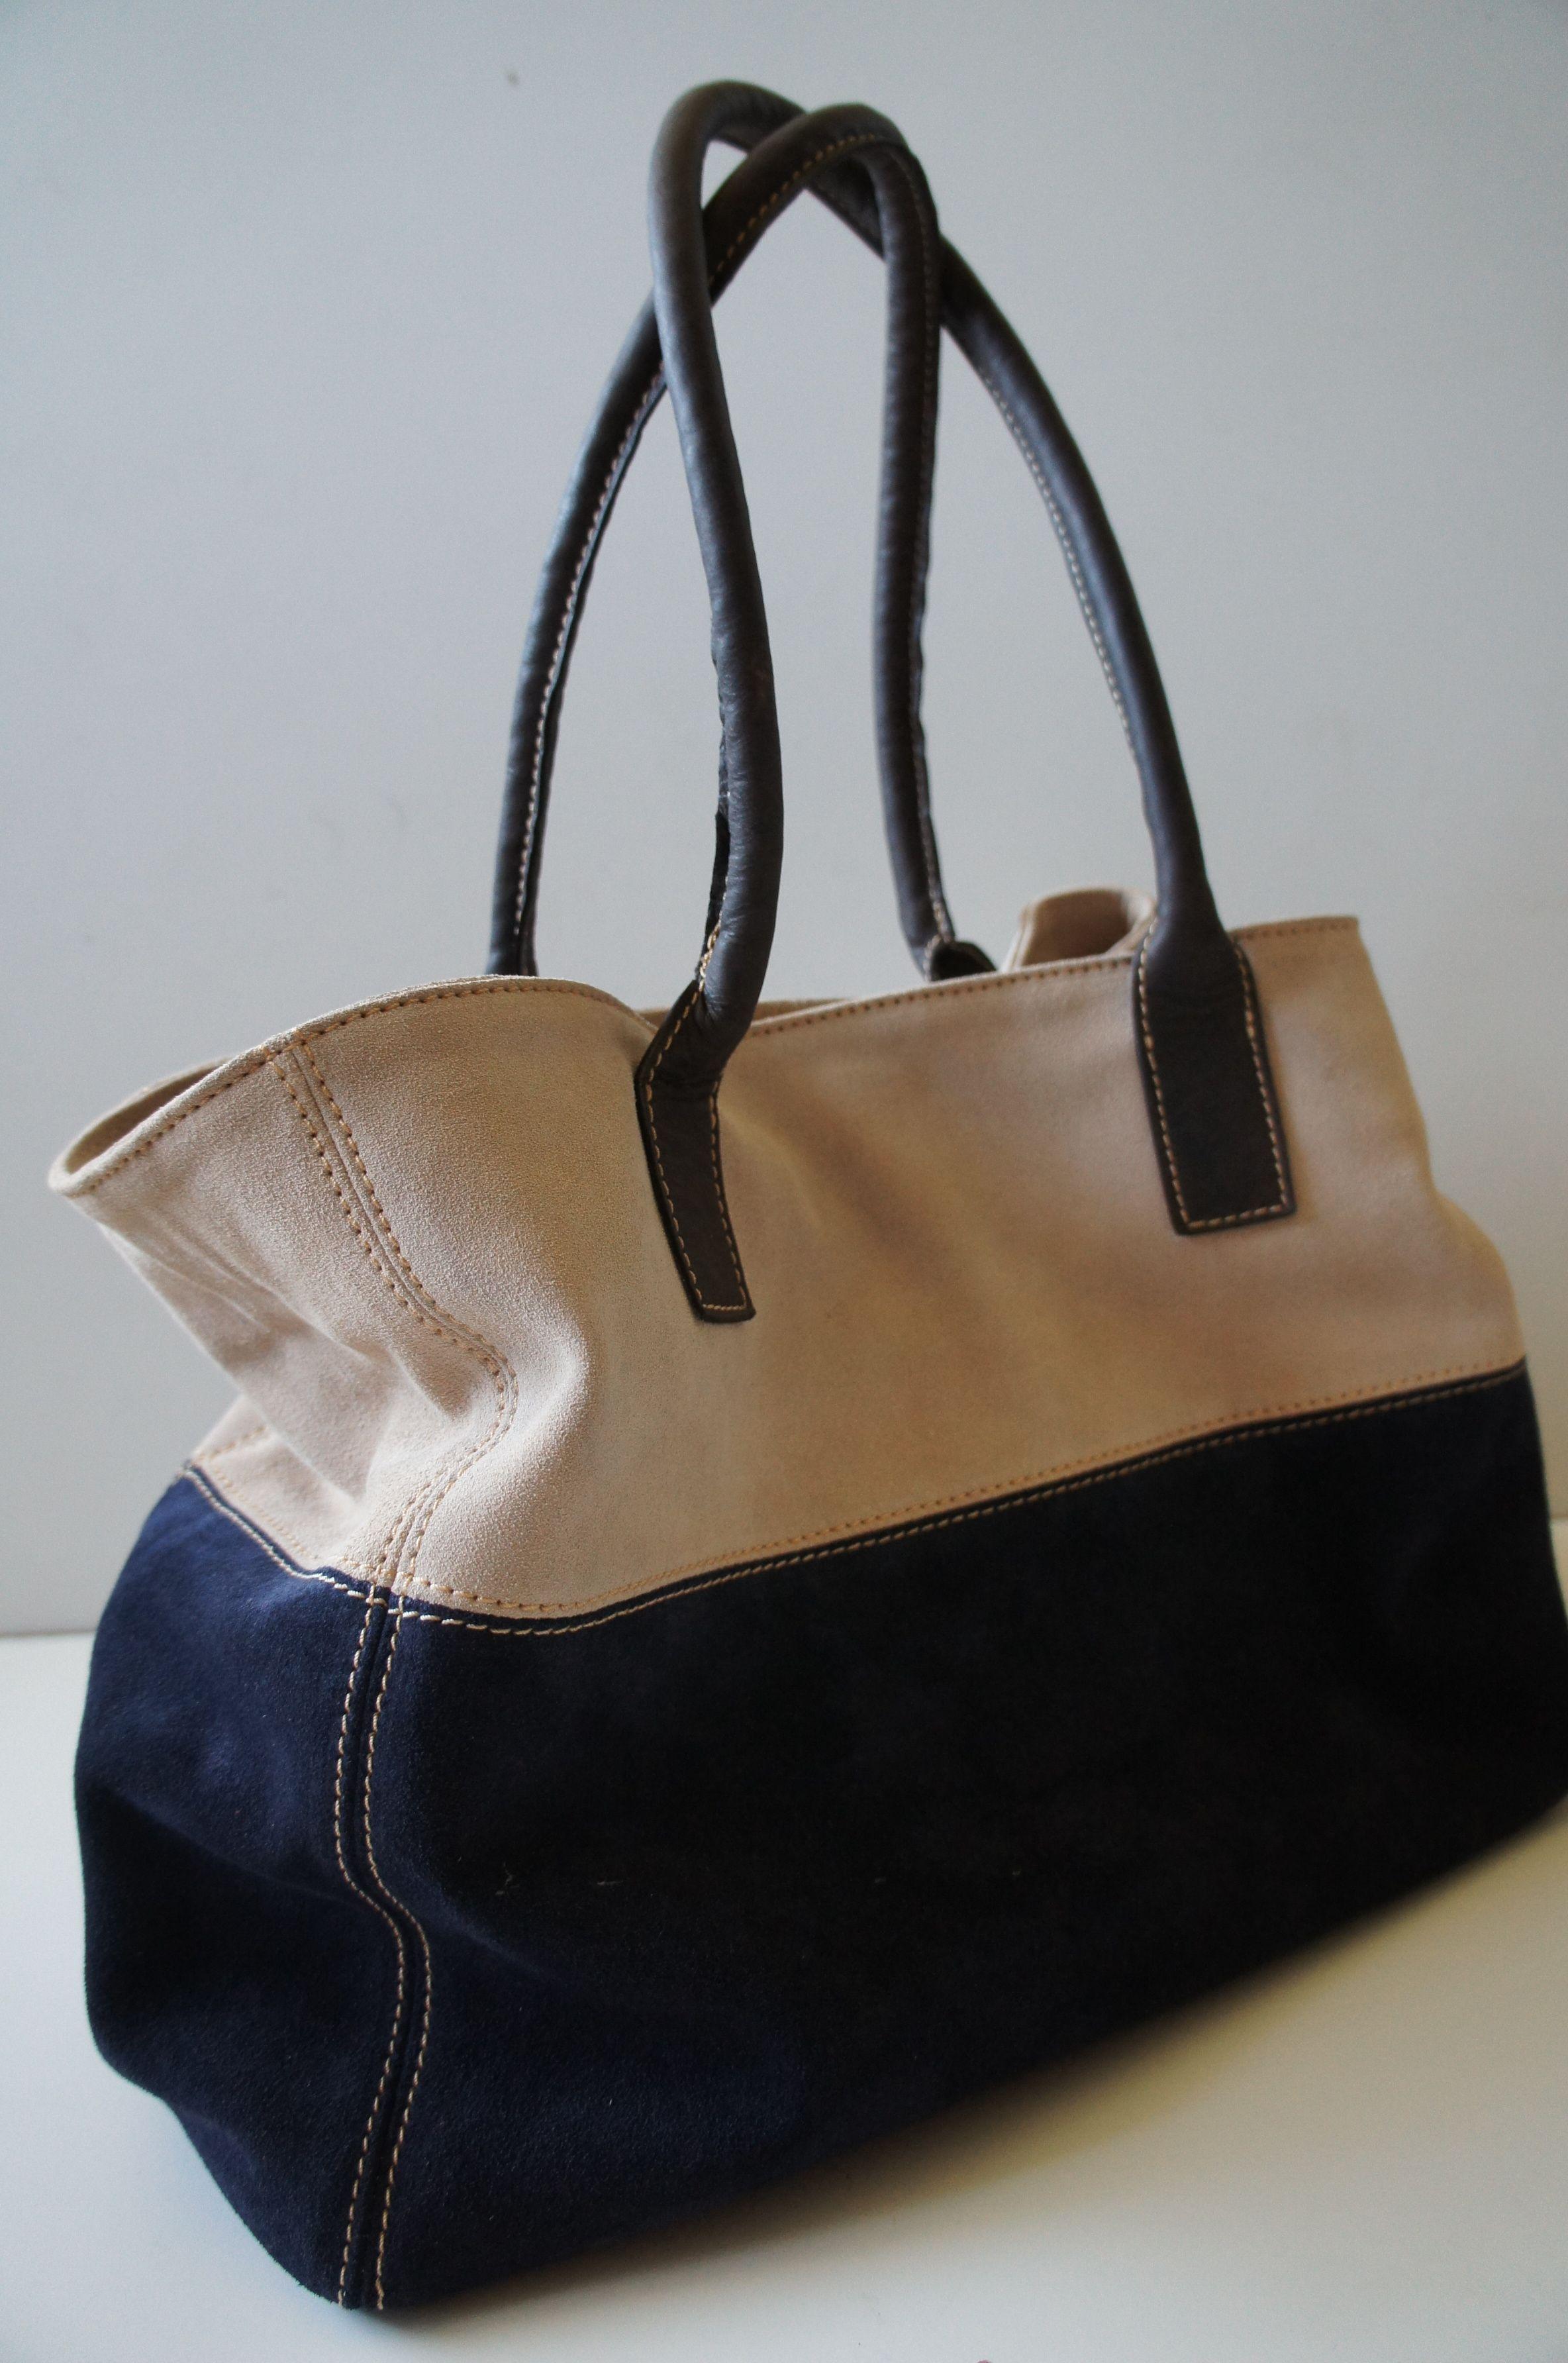 be4ee8317 Carteras De Telas · Bolso de gamuza azul y beige. asas de cuero chocolate  Bolsos Beige, Bolsas Azules